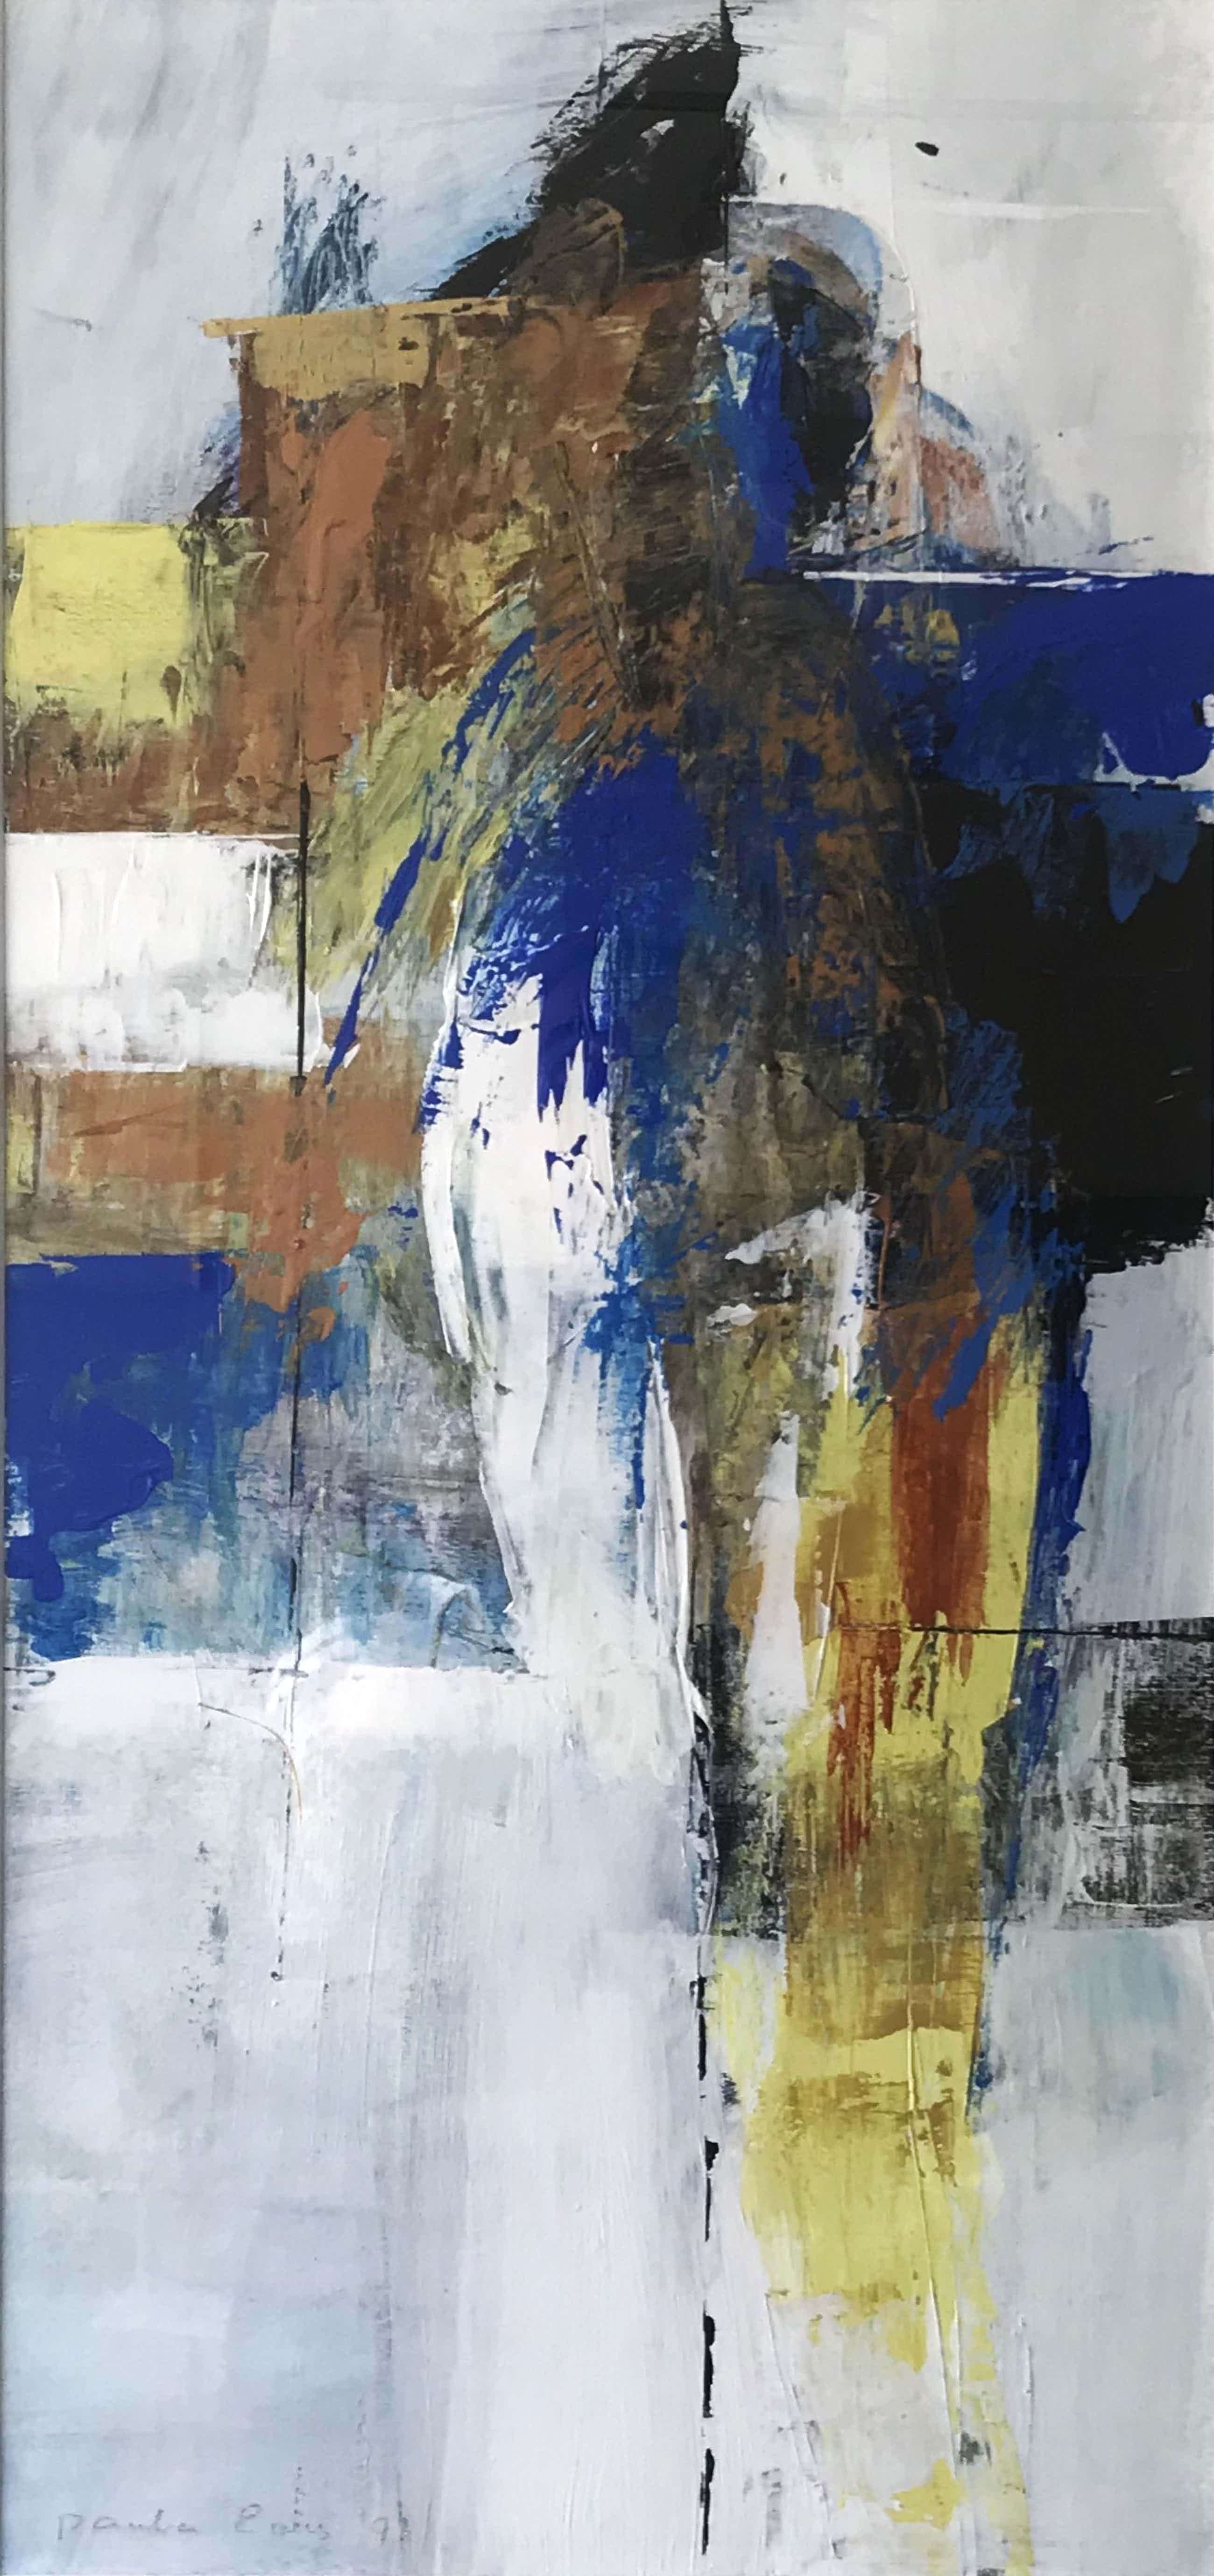 Paula Evers - Acryl op board, Abstract - Ingelijst kopen? Bied vanaf 220!